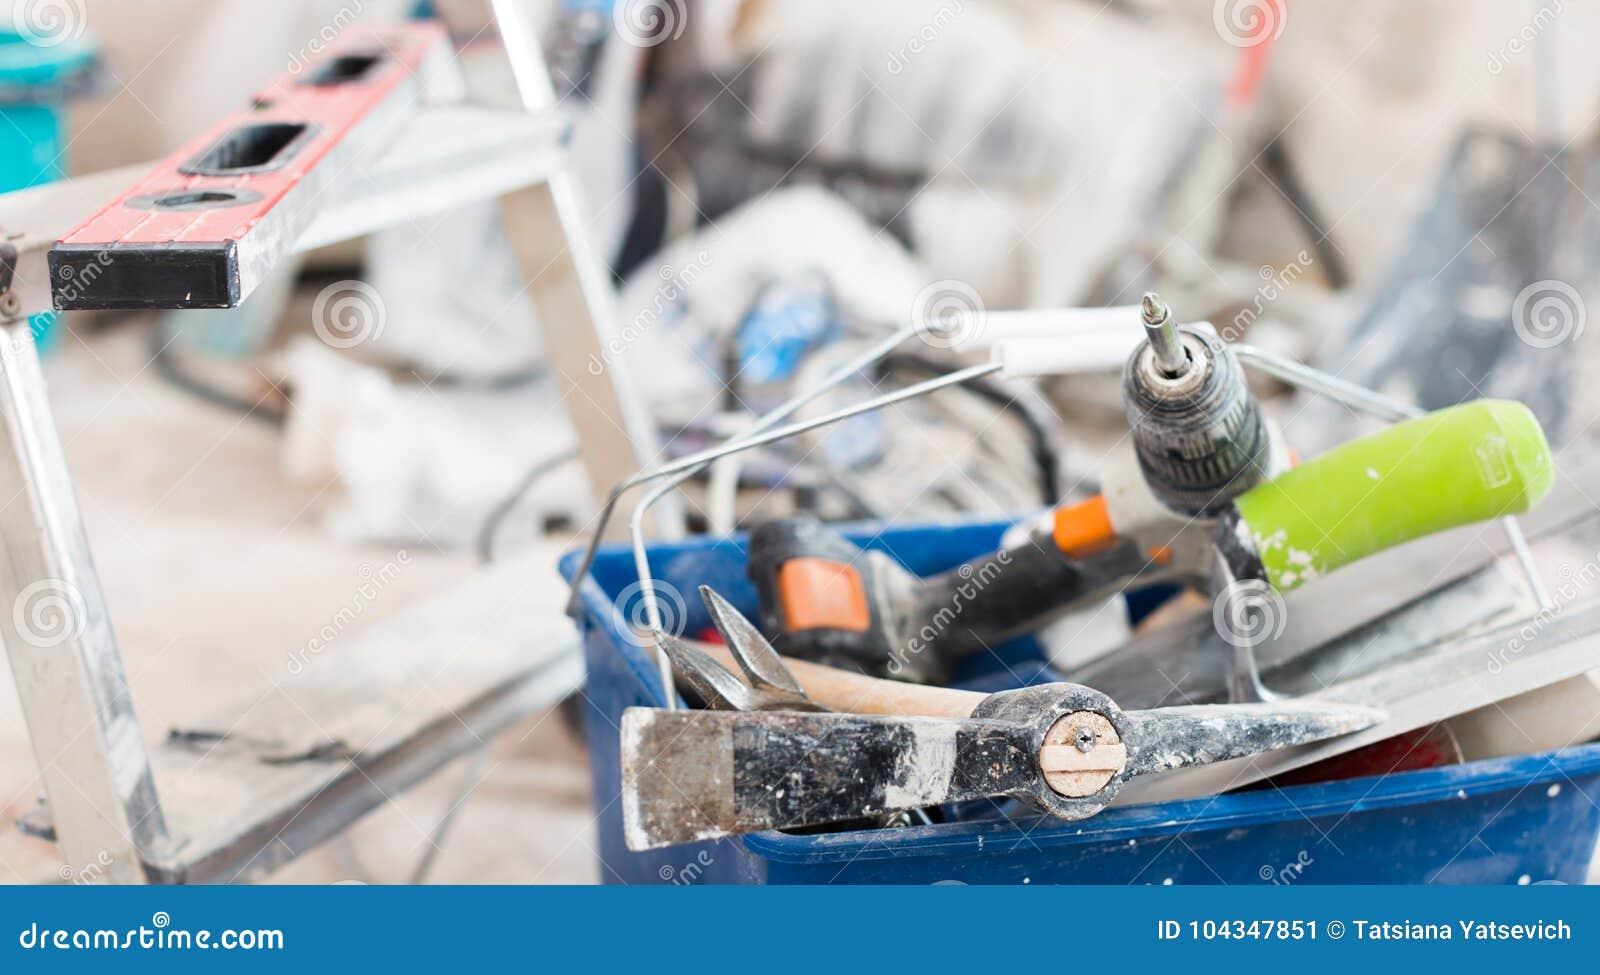 套为修理前提的建筑工具